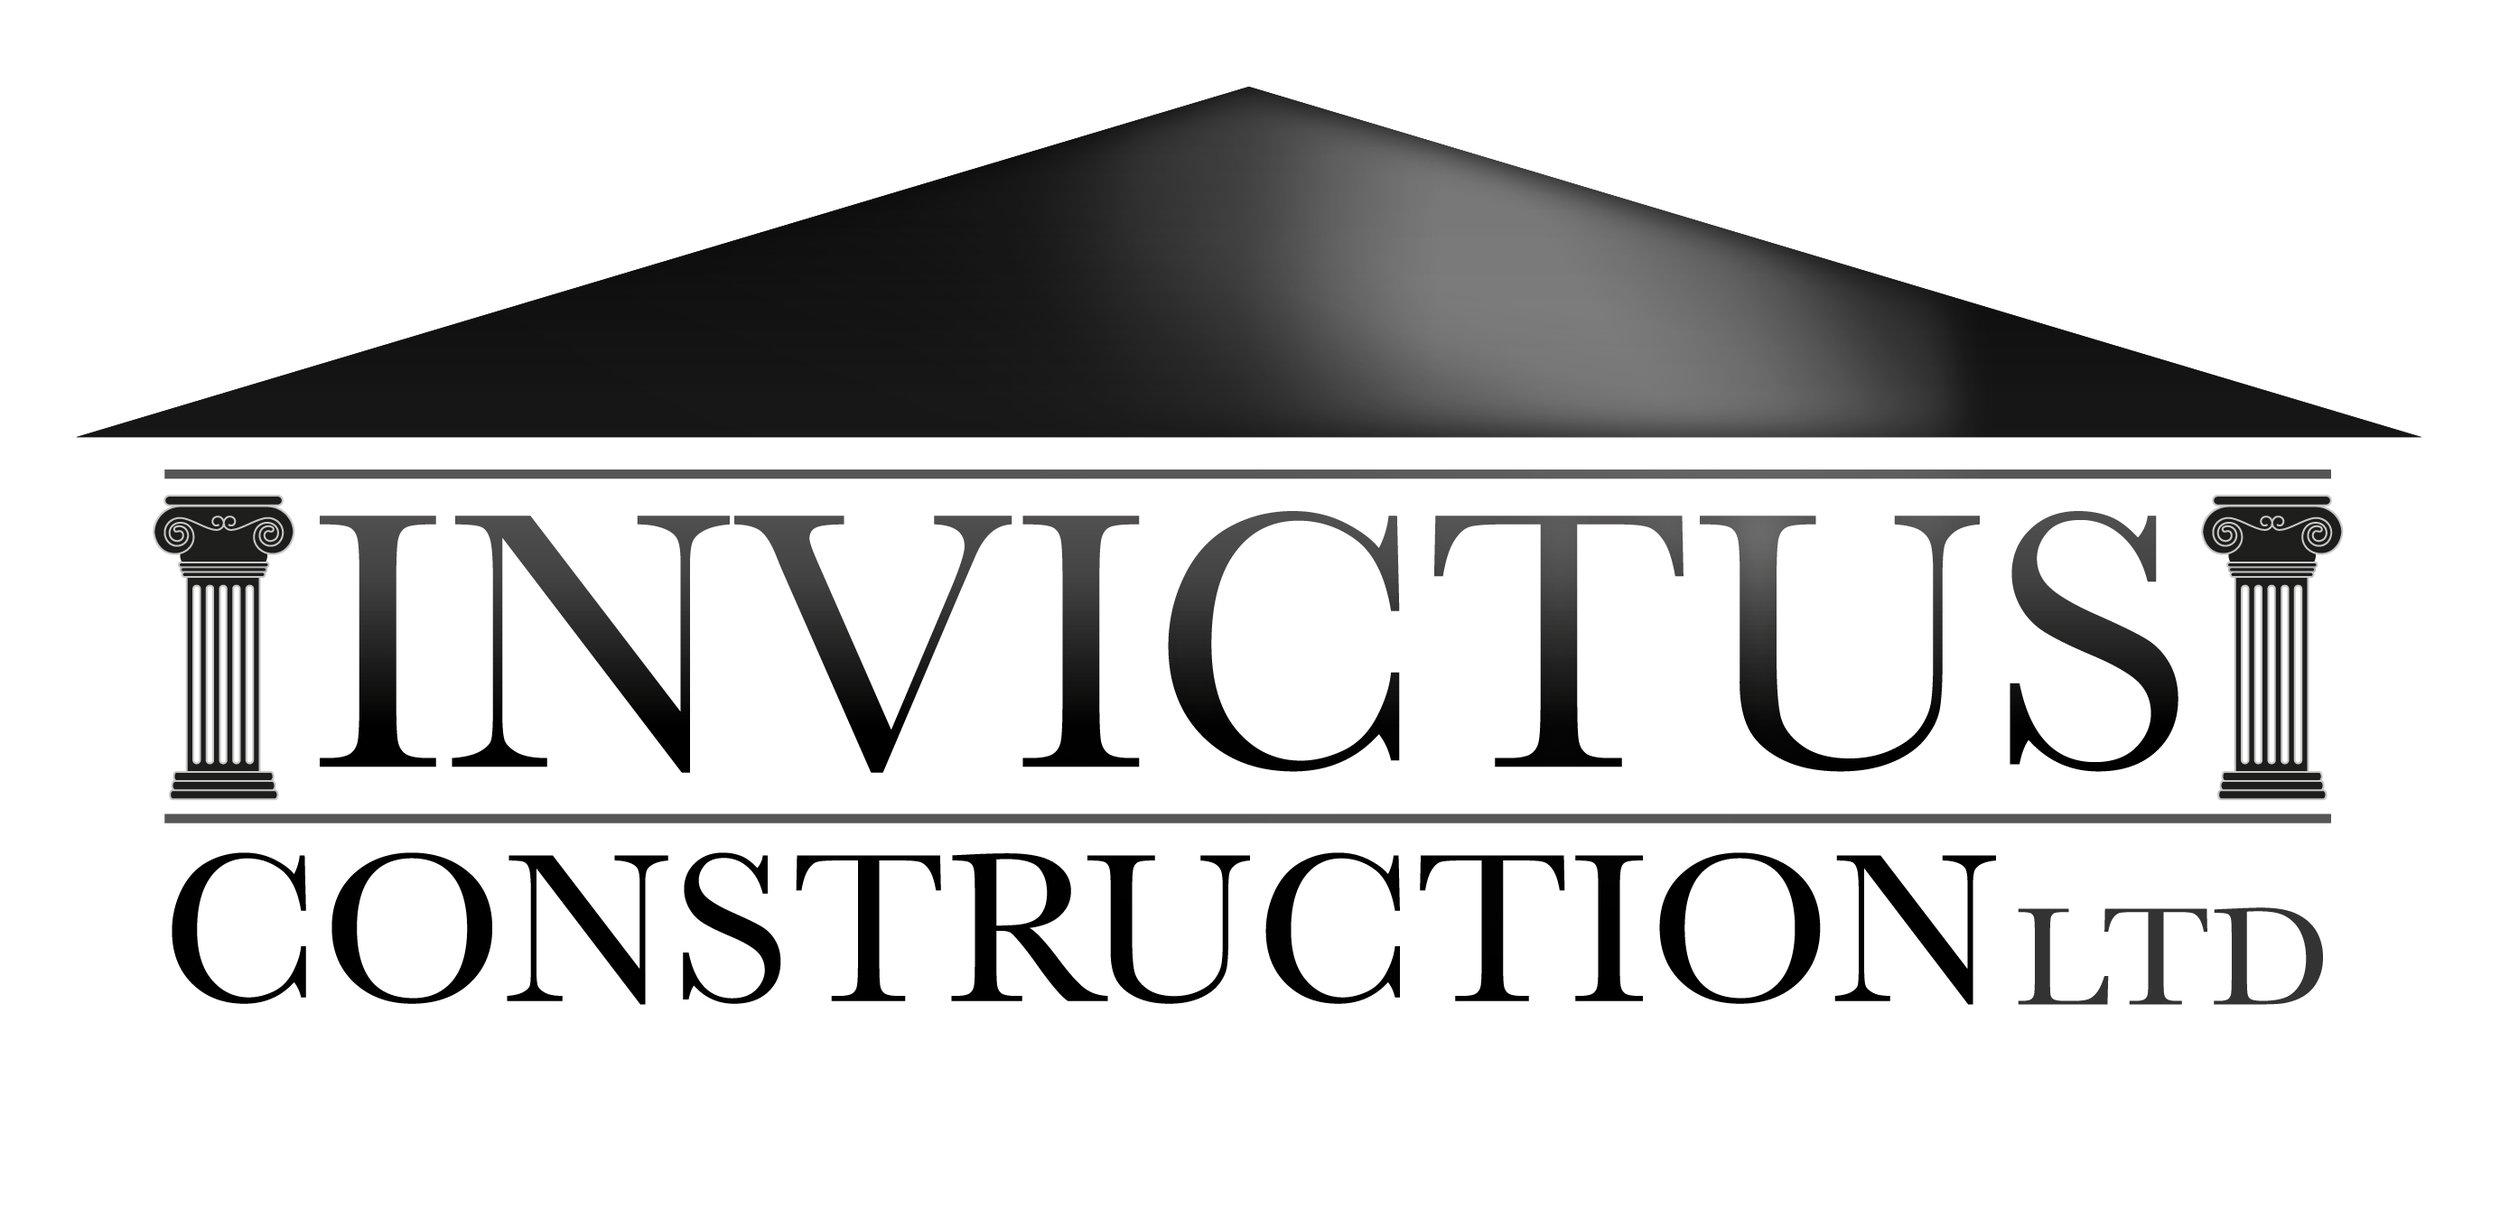 Invictus_construction_v2.jpg